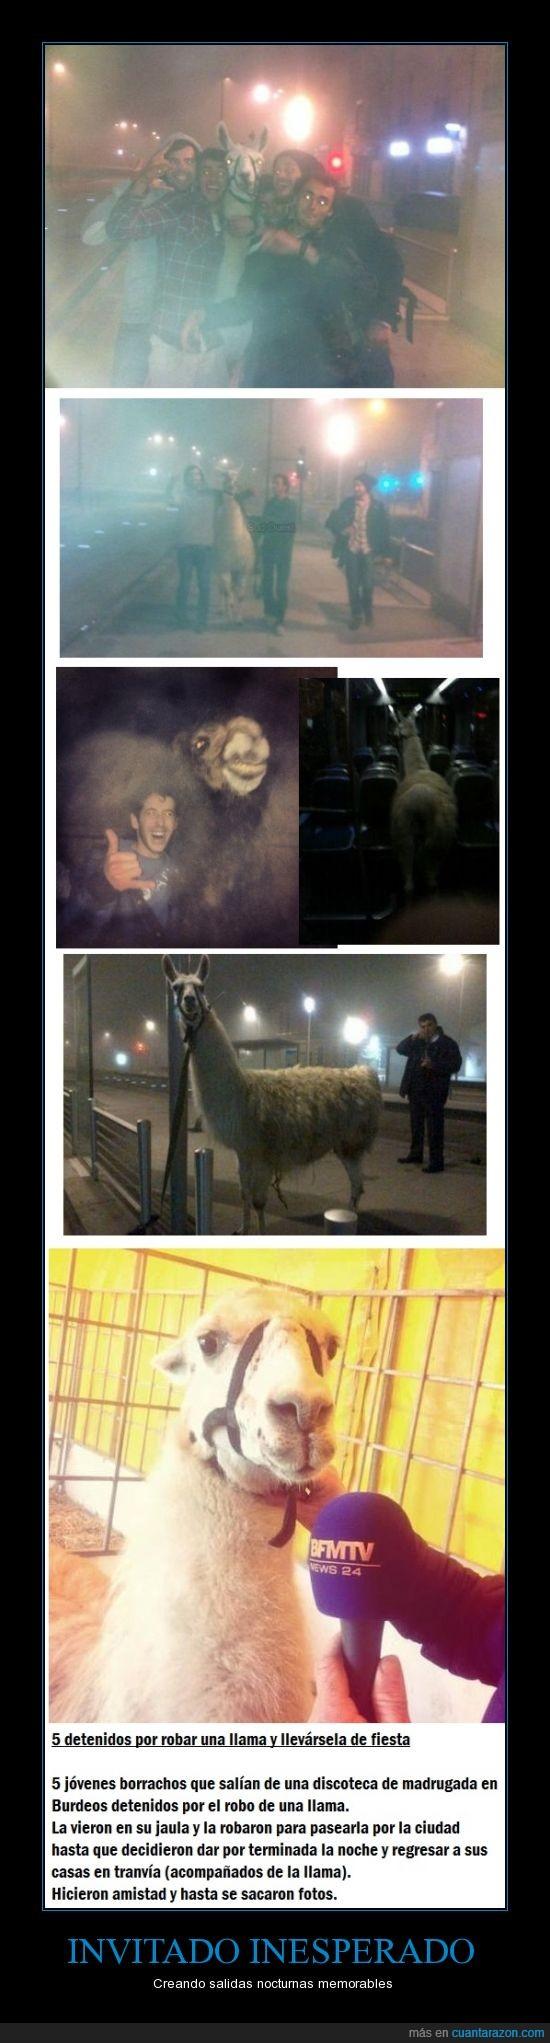 amigo,amigos,Bourdeaux,Burdeos,detenidos,fiesta,invitado,Llama,se ve a la llama feliz xD